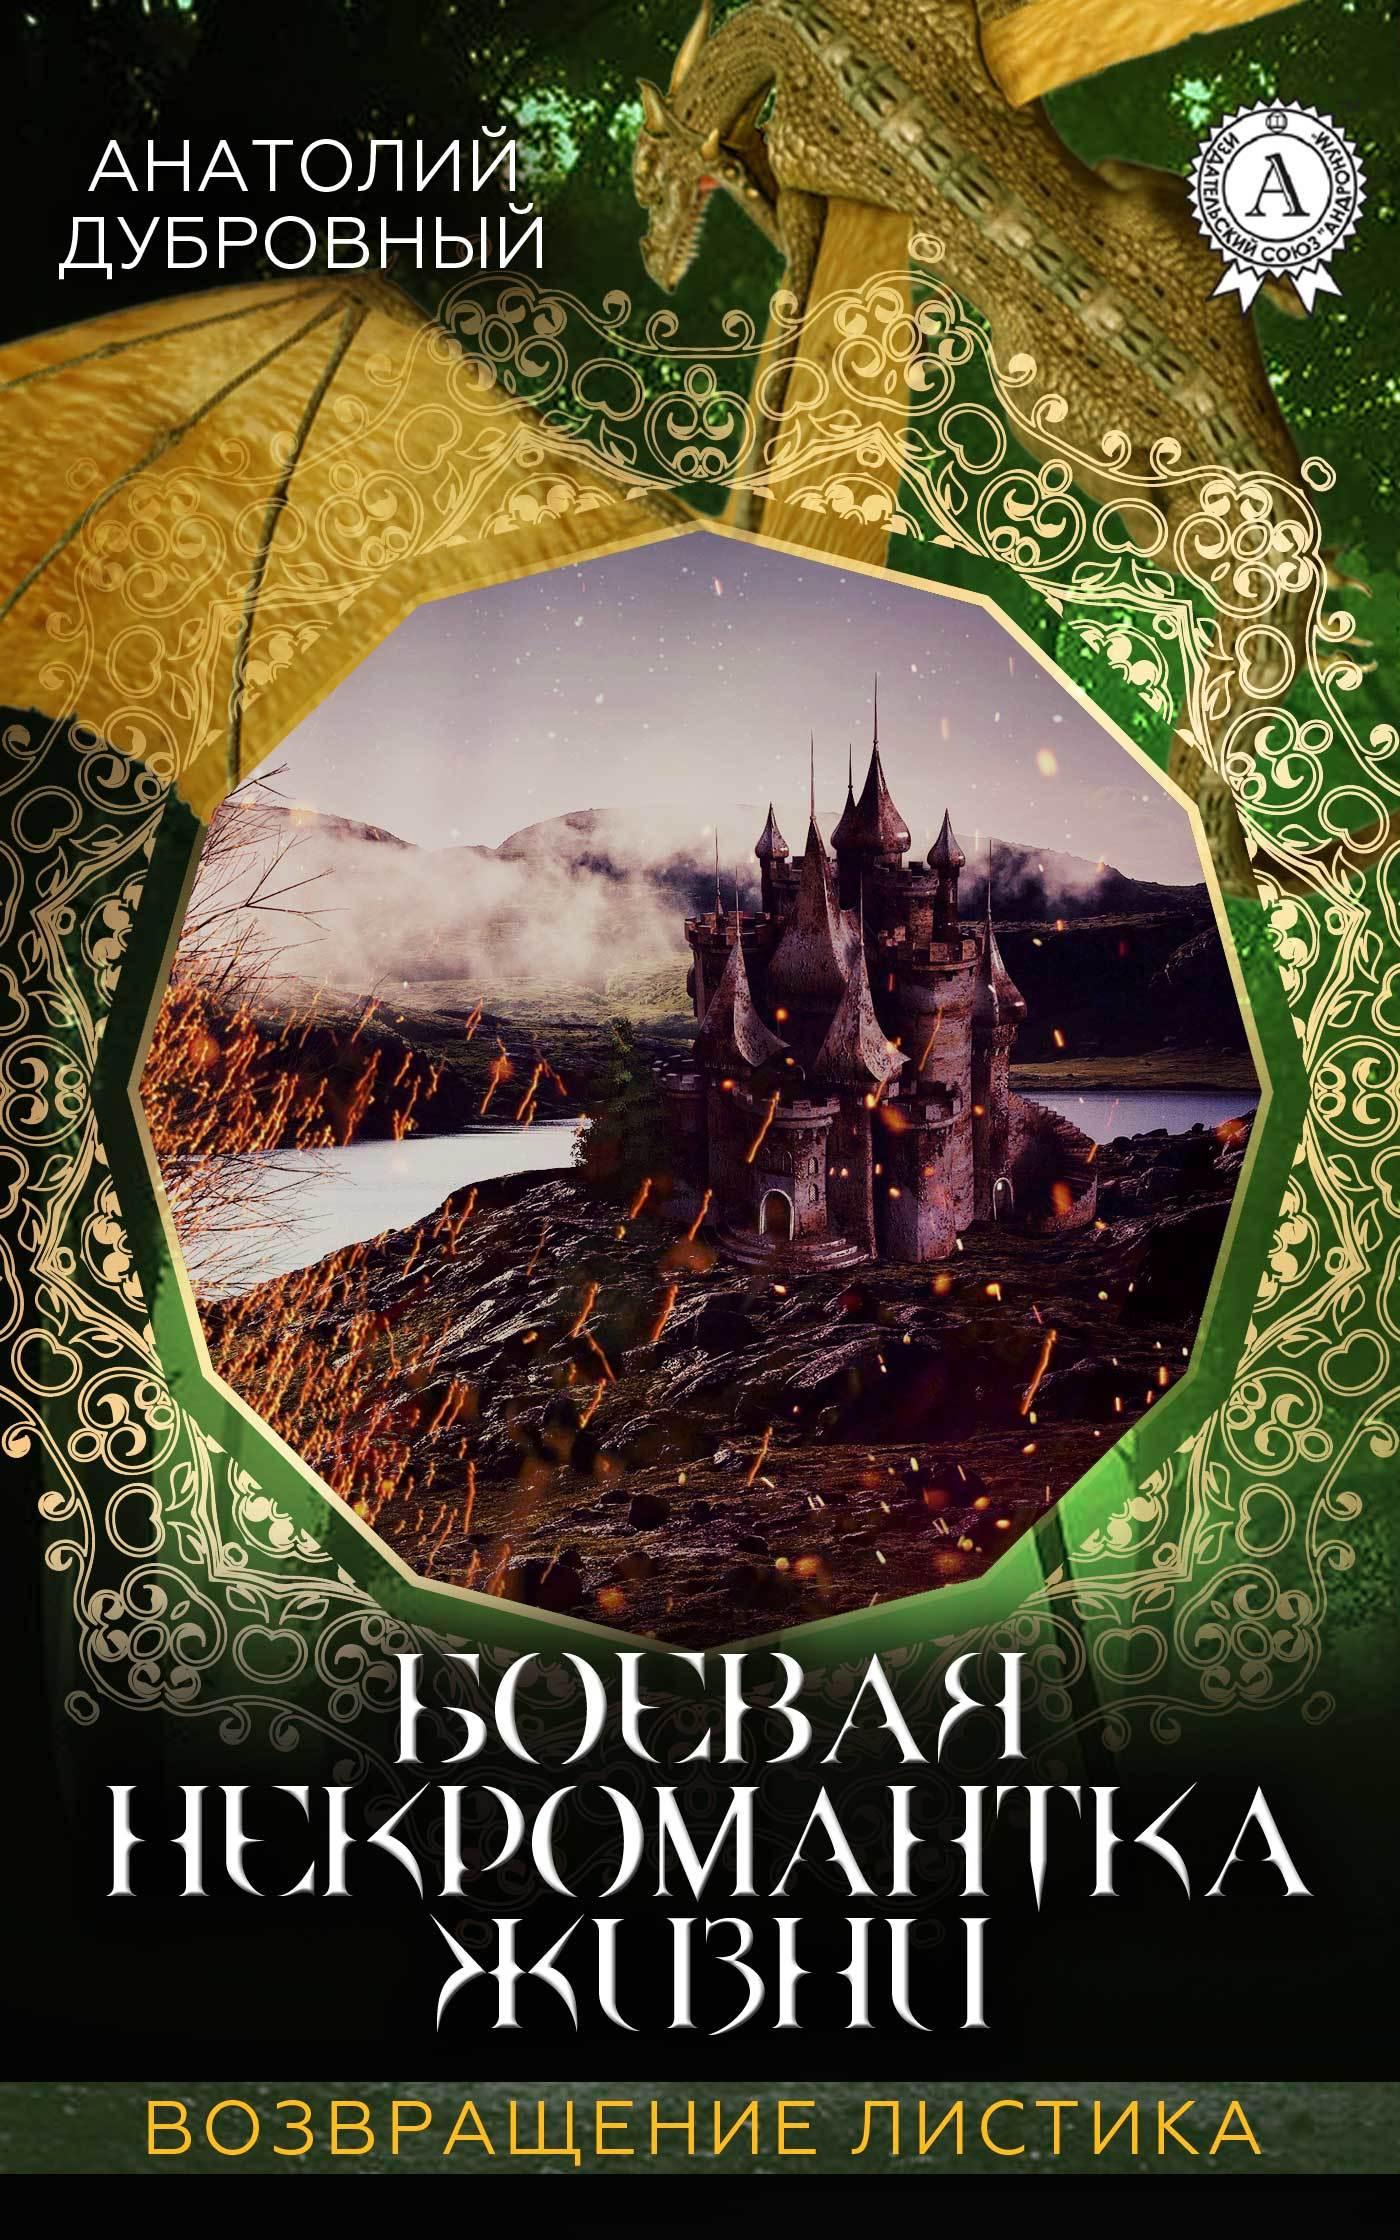 Анатолий Дубровный Боевая некромантка жизни анатолий терещенко украйна а была ли украина